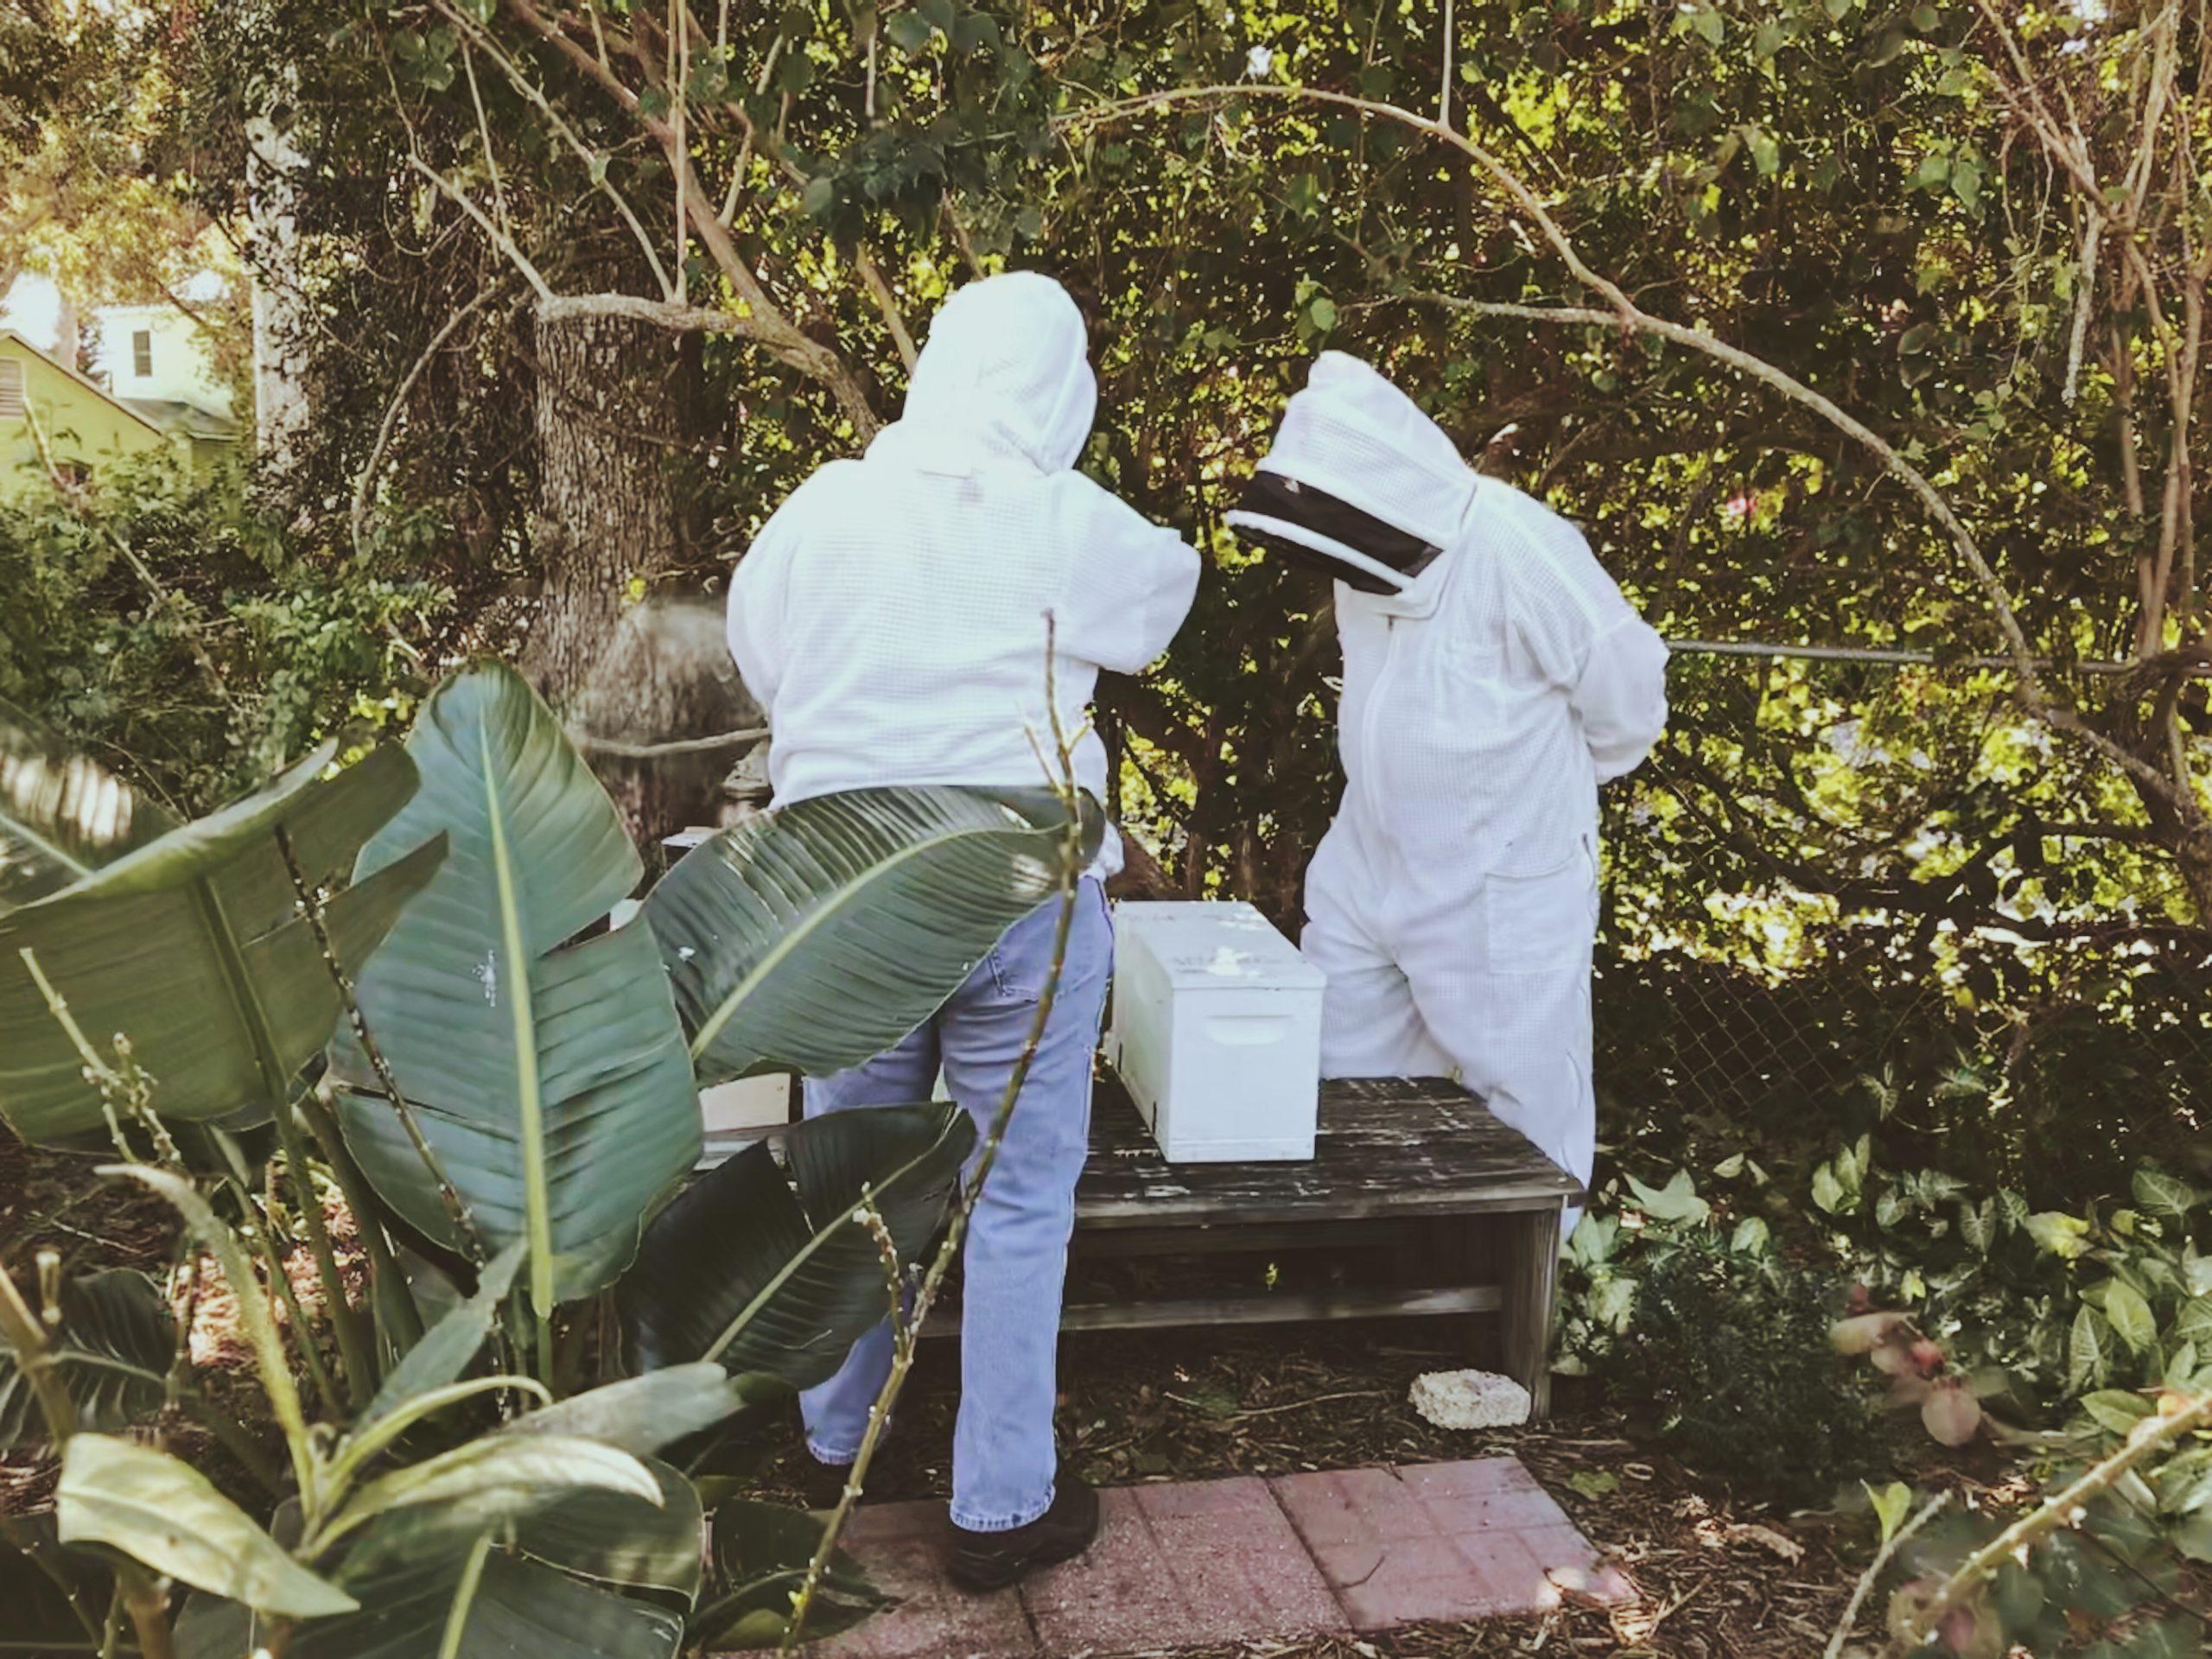 Local beekeepers in St. Petersburg, FL